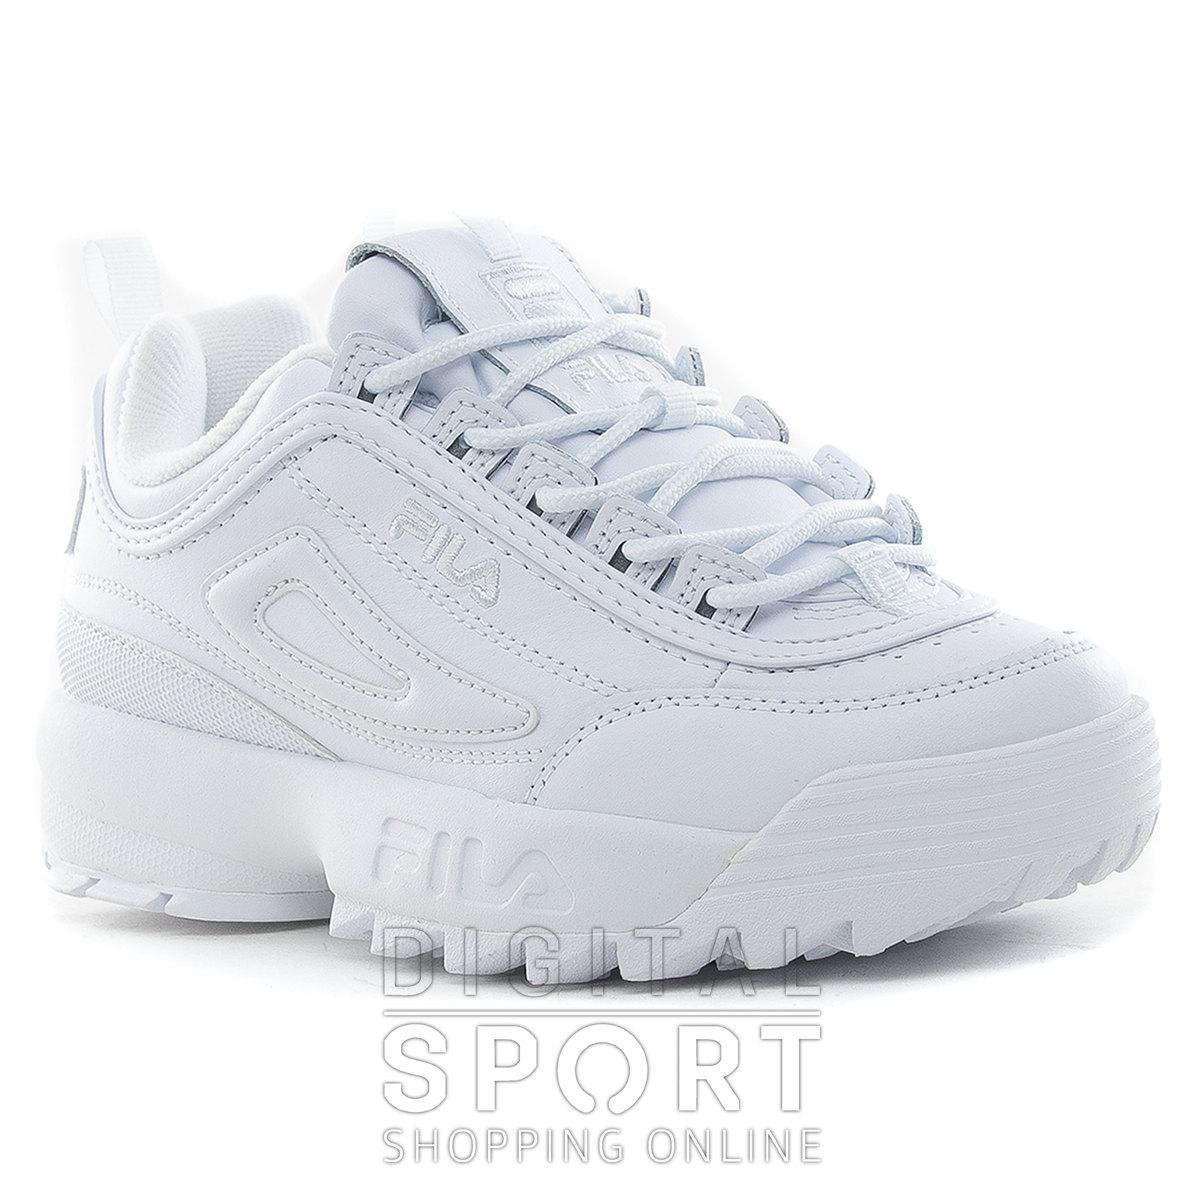 Zapatillas Disruptor Ii Premium En Zapatillas Fila Calzado